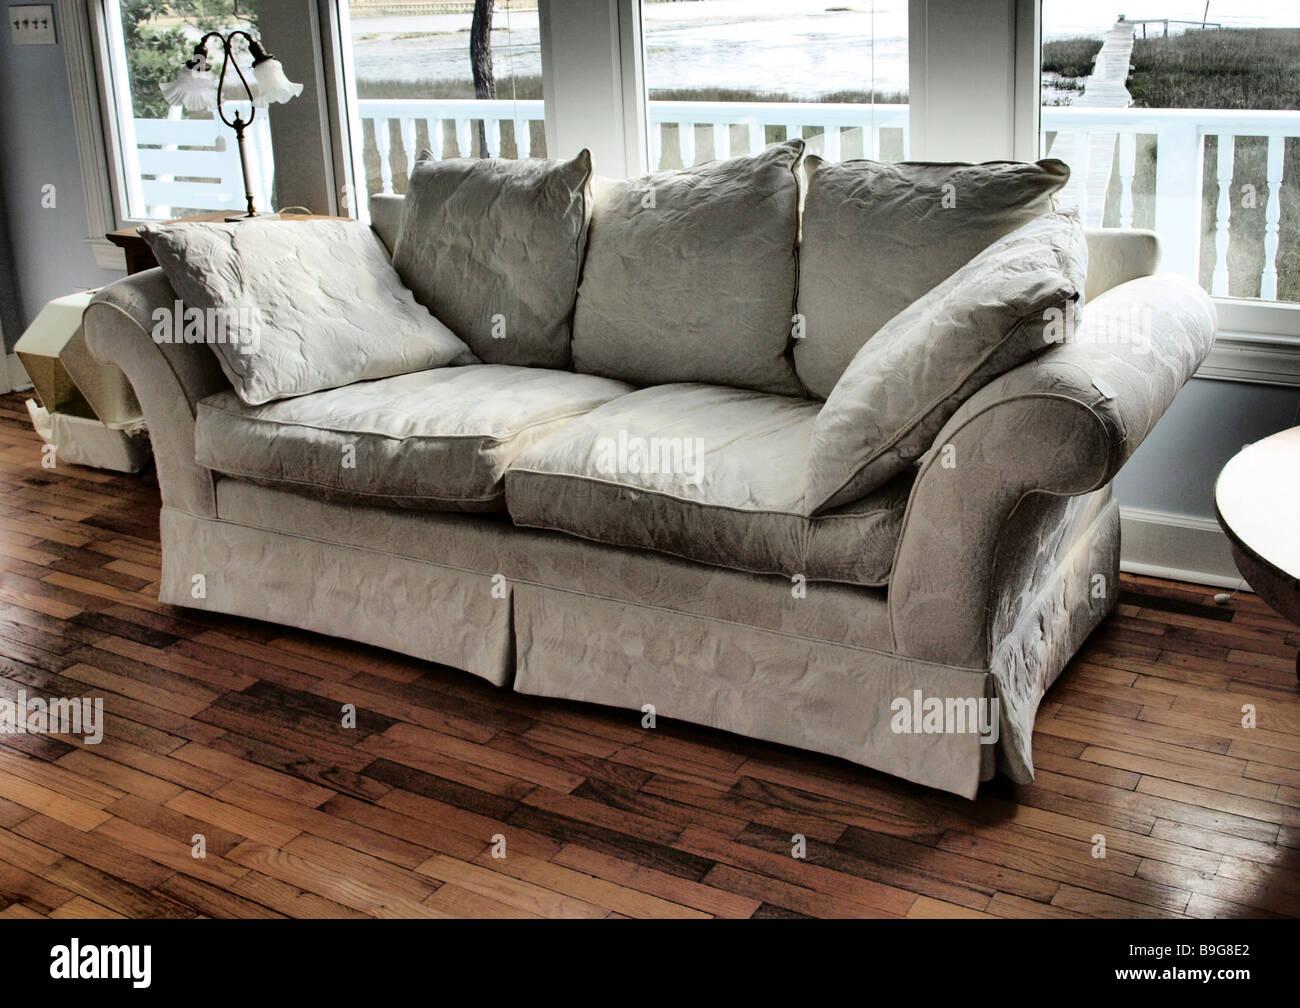 Divano divano sul pavimento in legno con finestra in indietro cercando di recinto grigio Immagini Stock